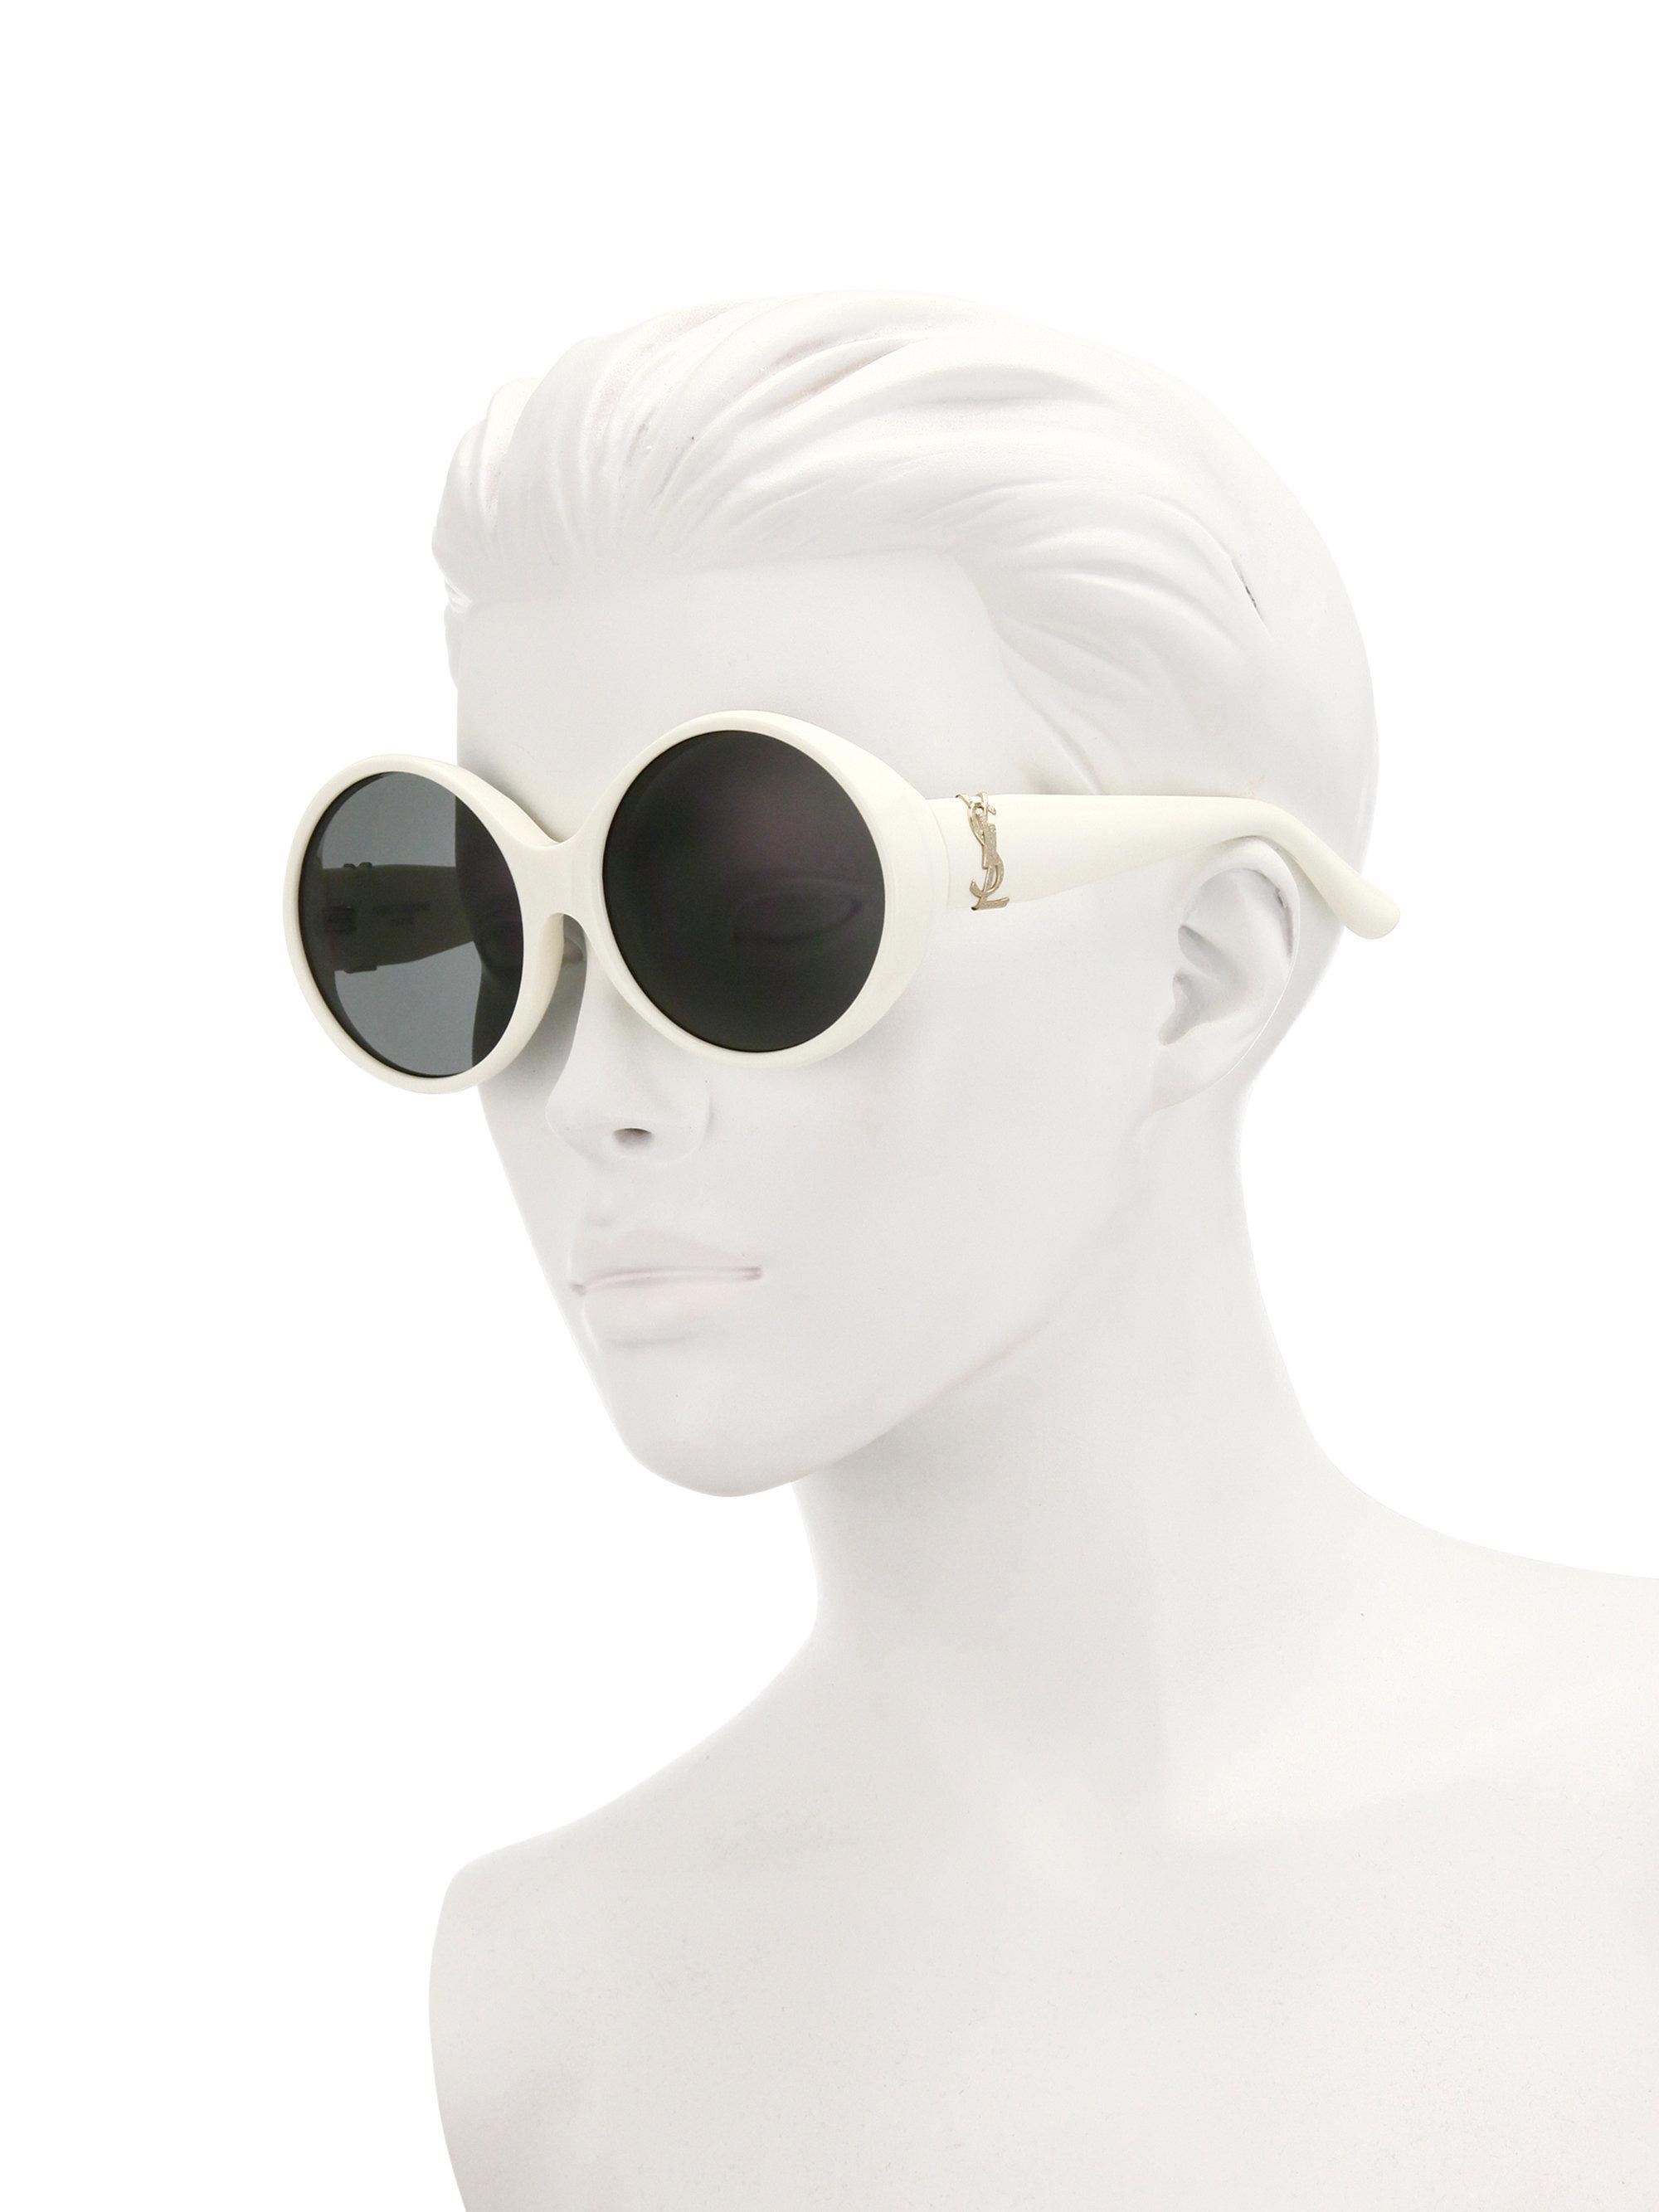 92b5f281833 Saint Laurent Sl M2f Women s 60mm Sunglasses